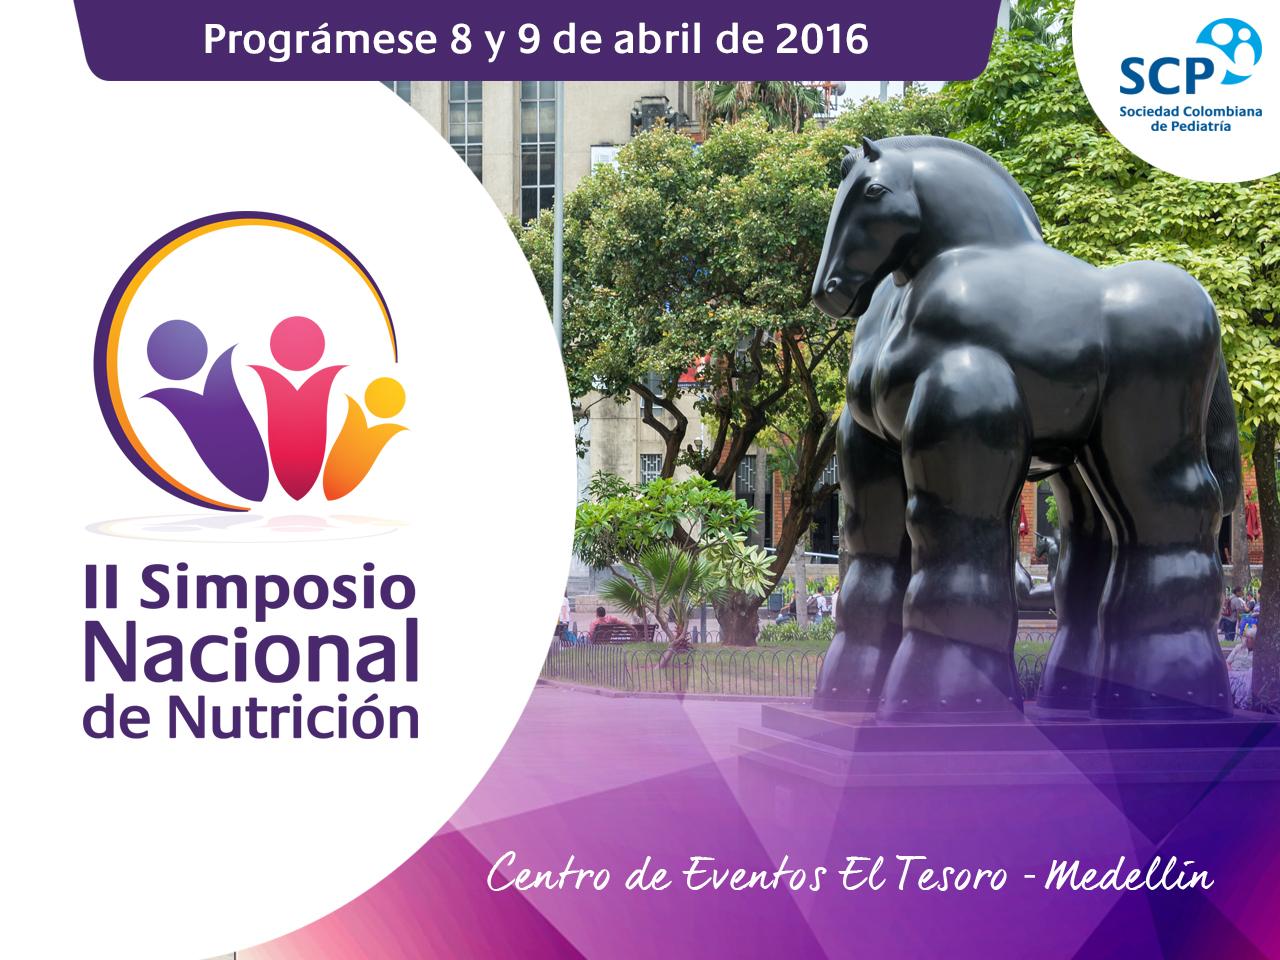 Medellín, sede del II Simposio Nacional de Nutrición en 2016